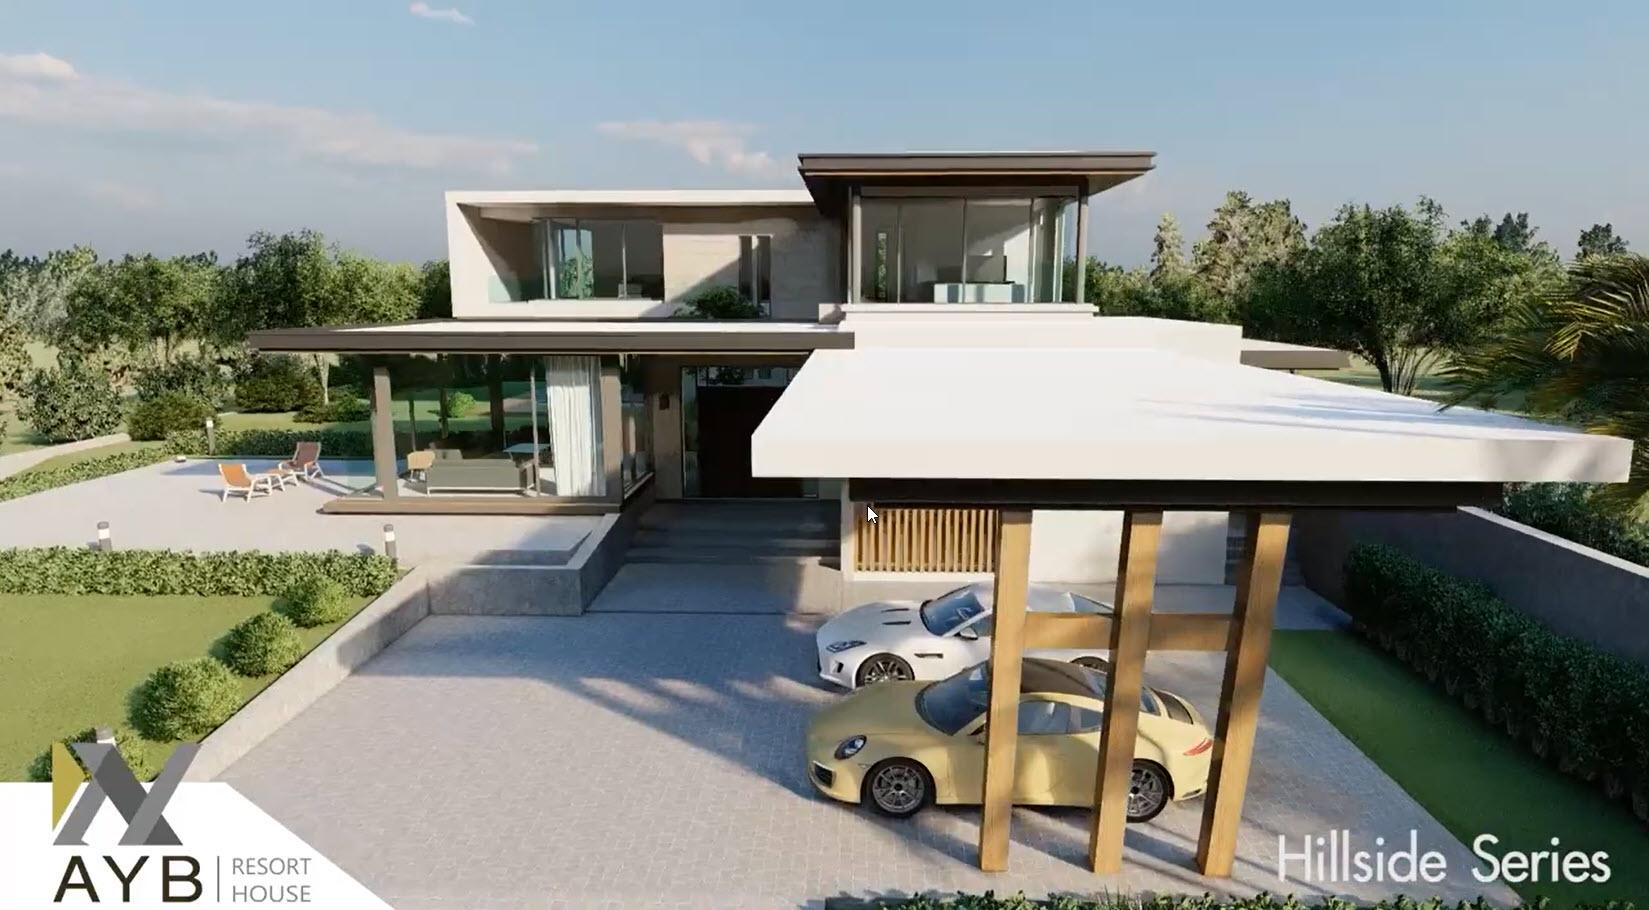 แบบบ้าน Hillside - หน้าบ้าน